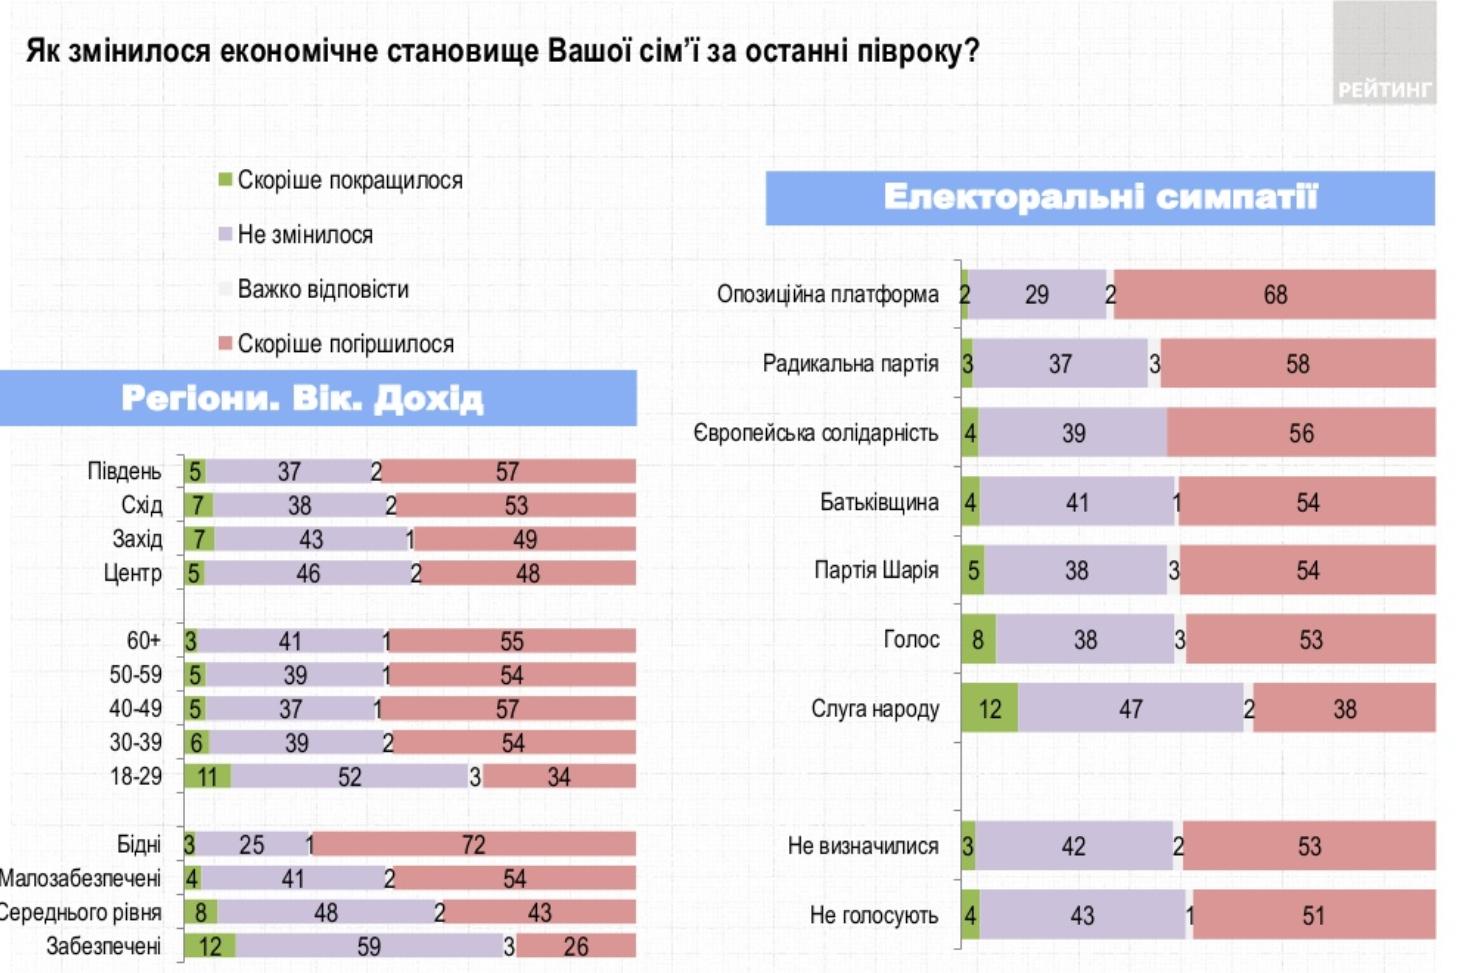 Украинцы рассказали, как изменилось экономическое благосостояние их семей за последние полгода